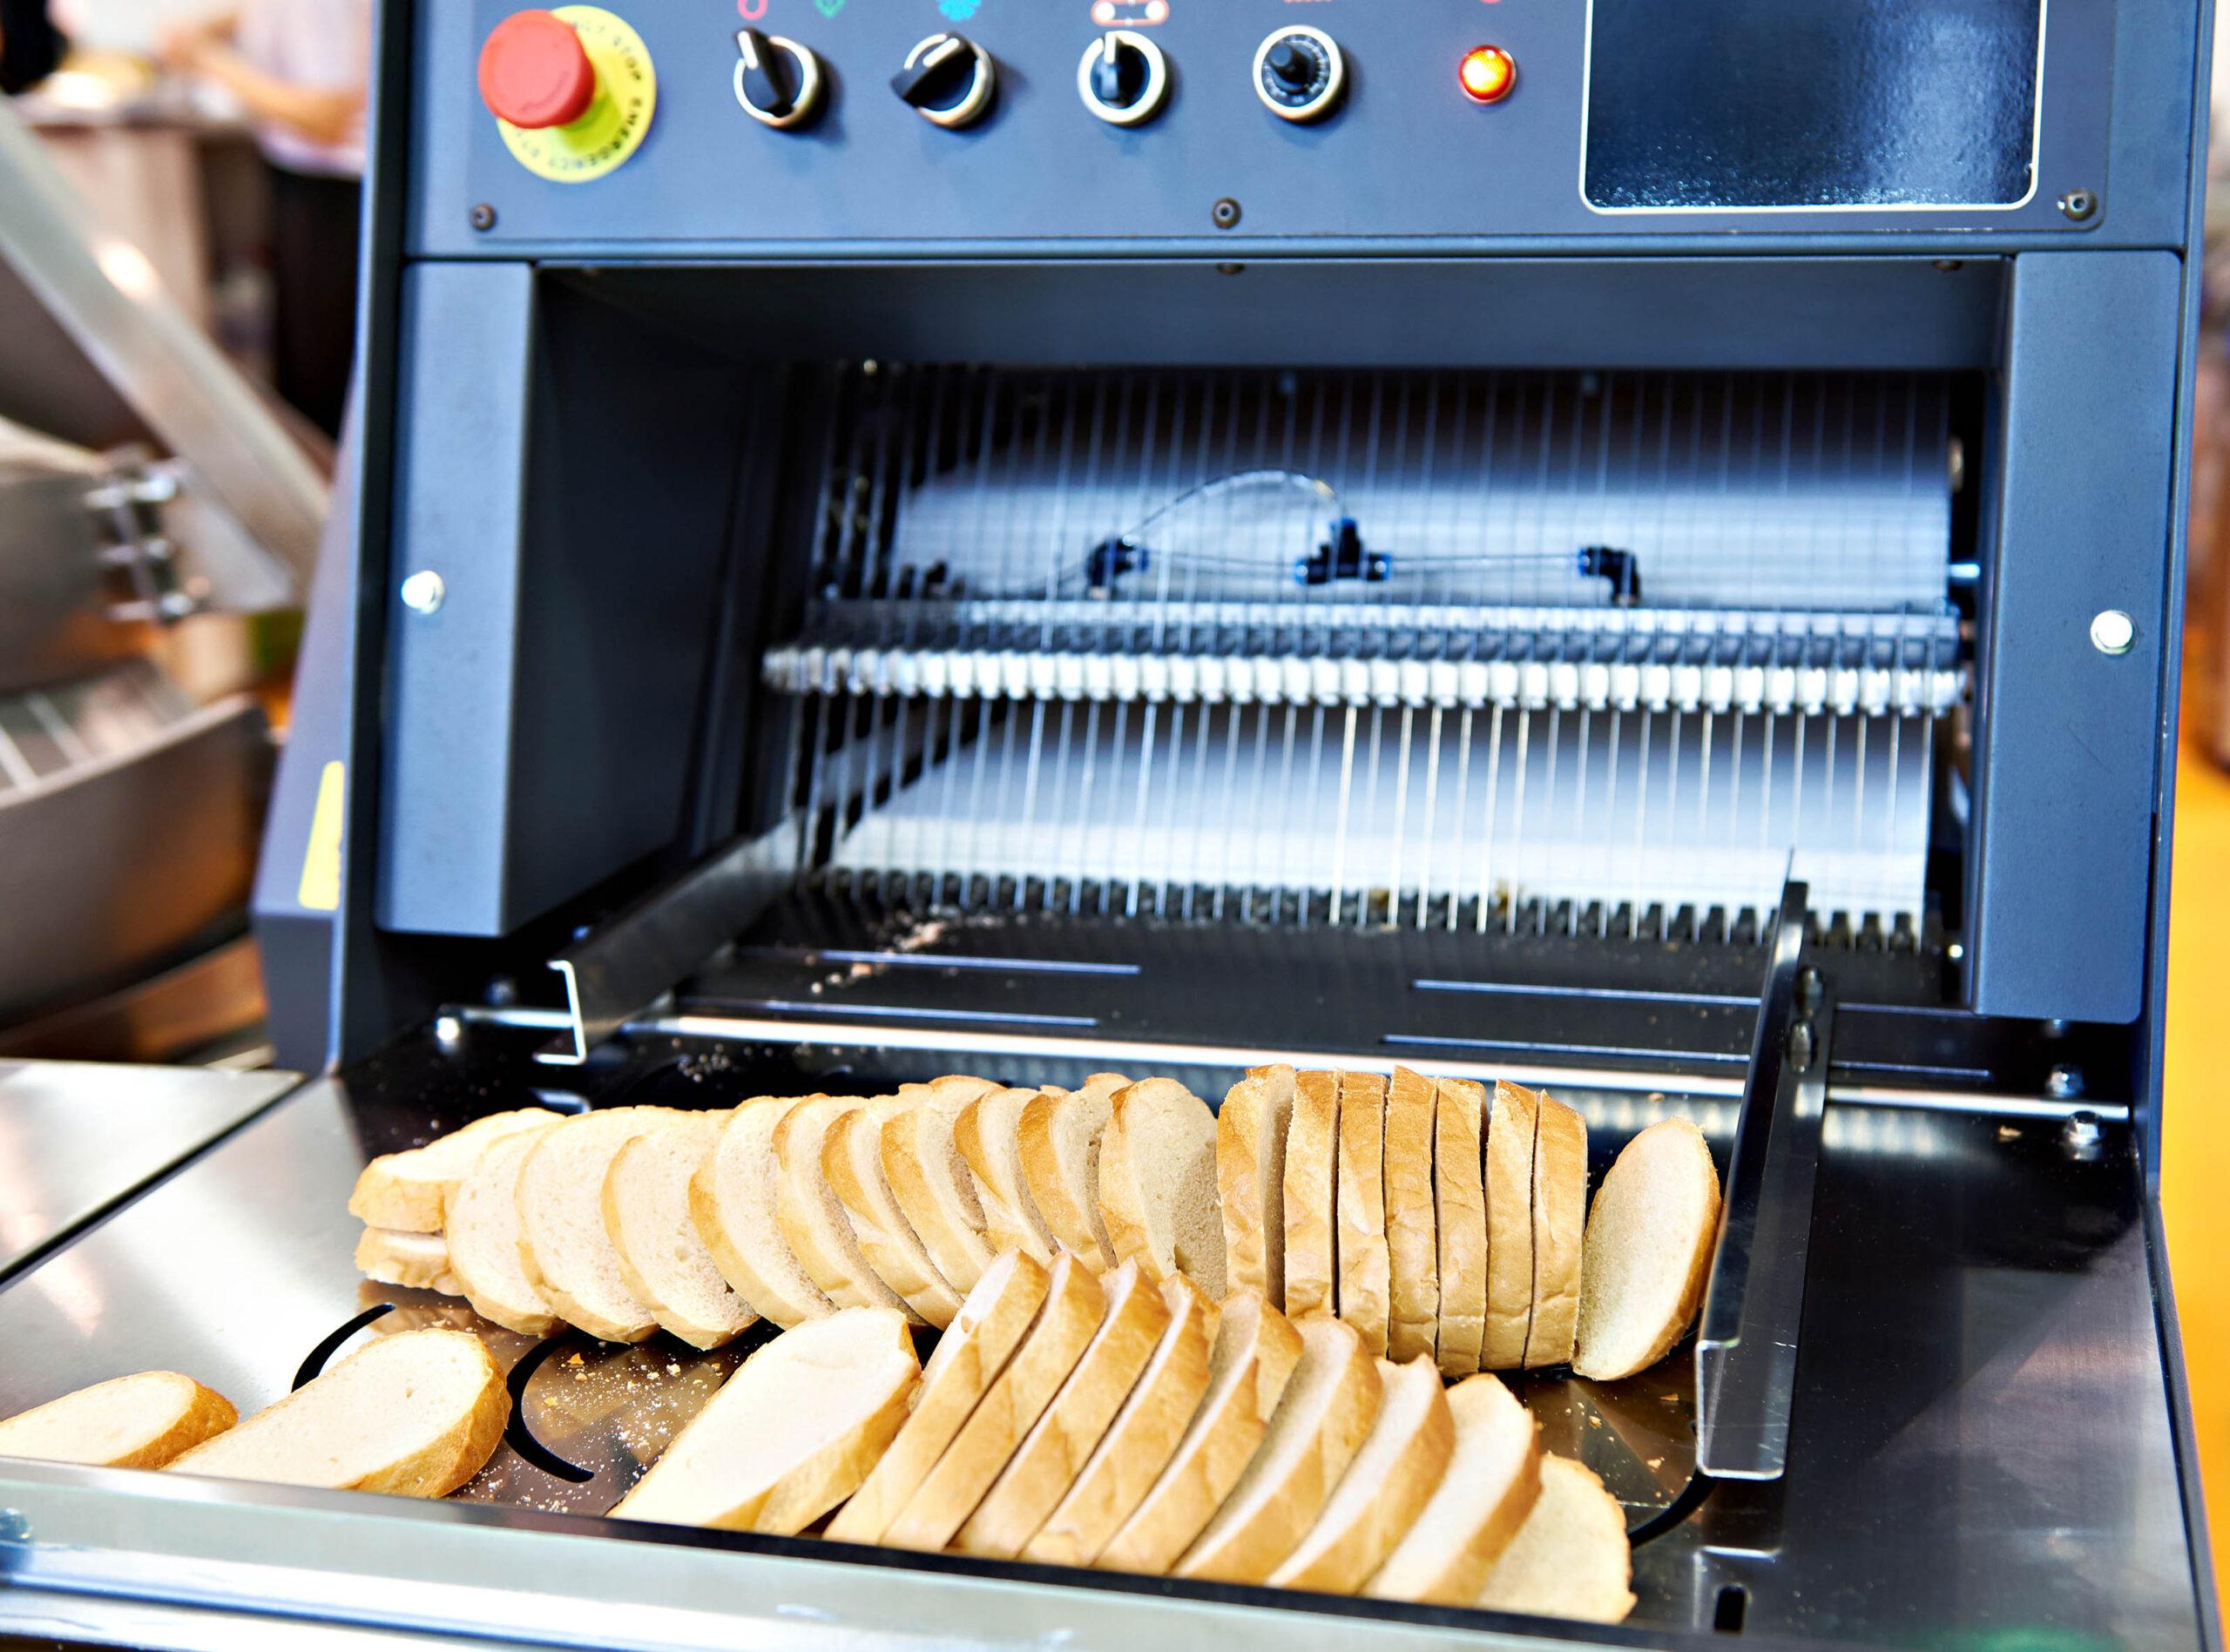 Creeds Bakery Slicer